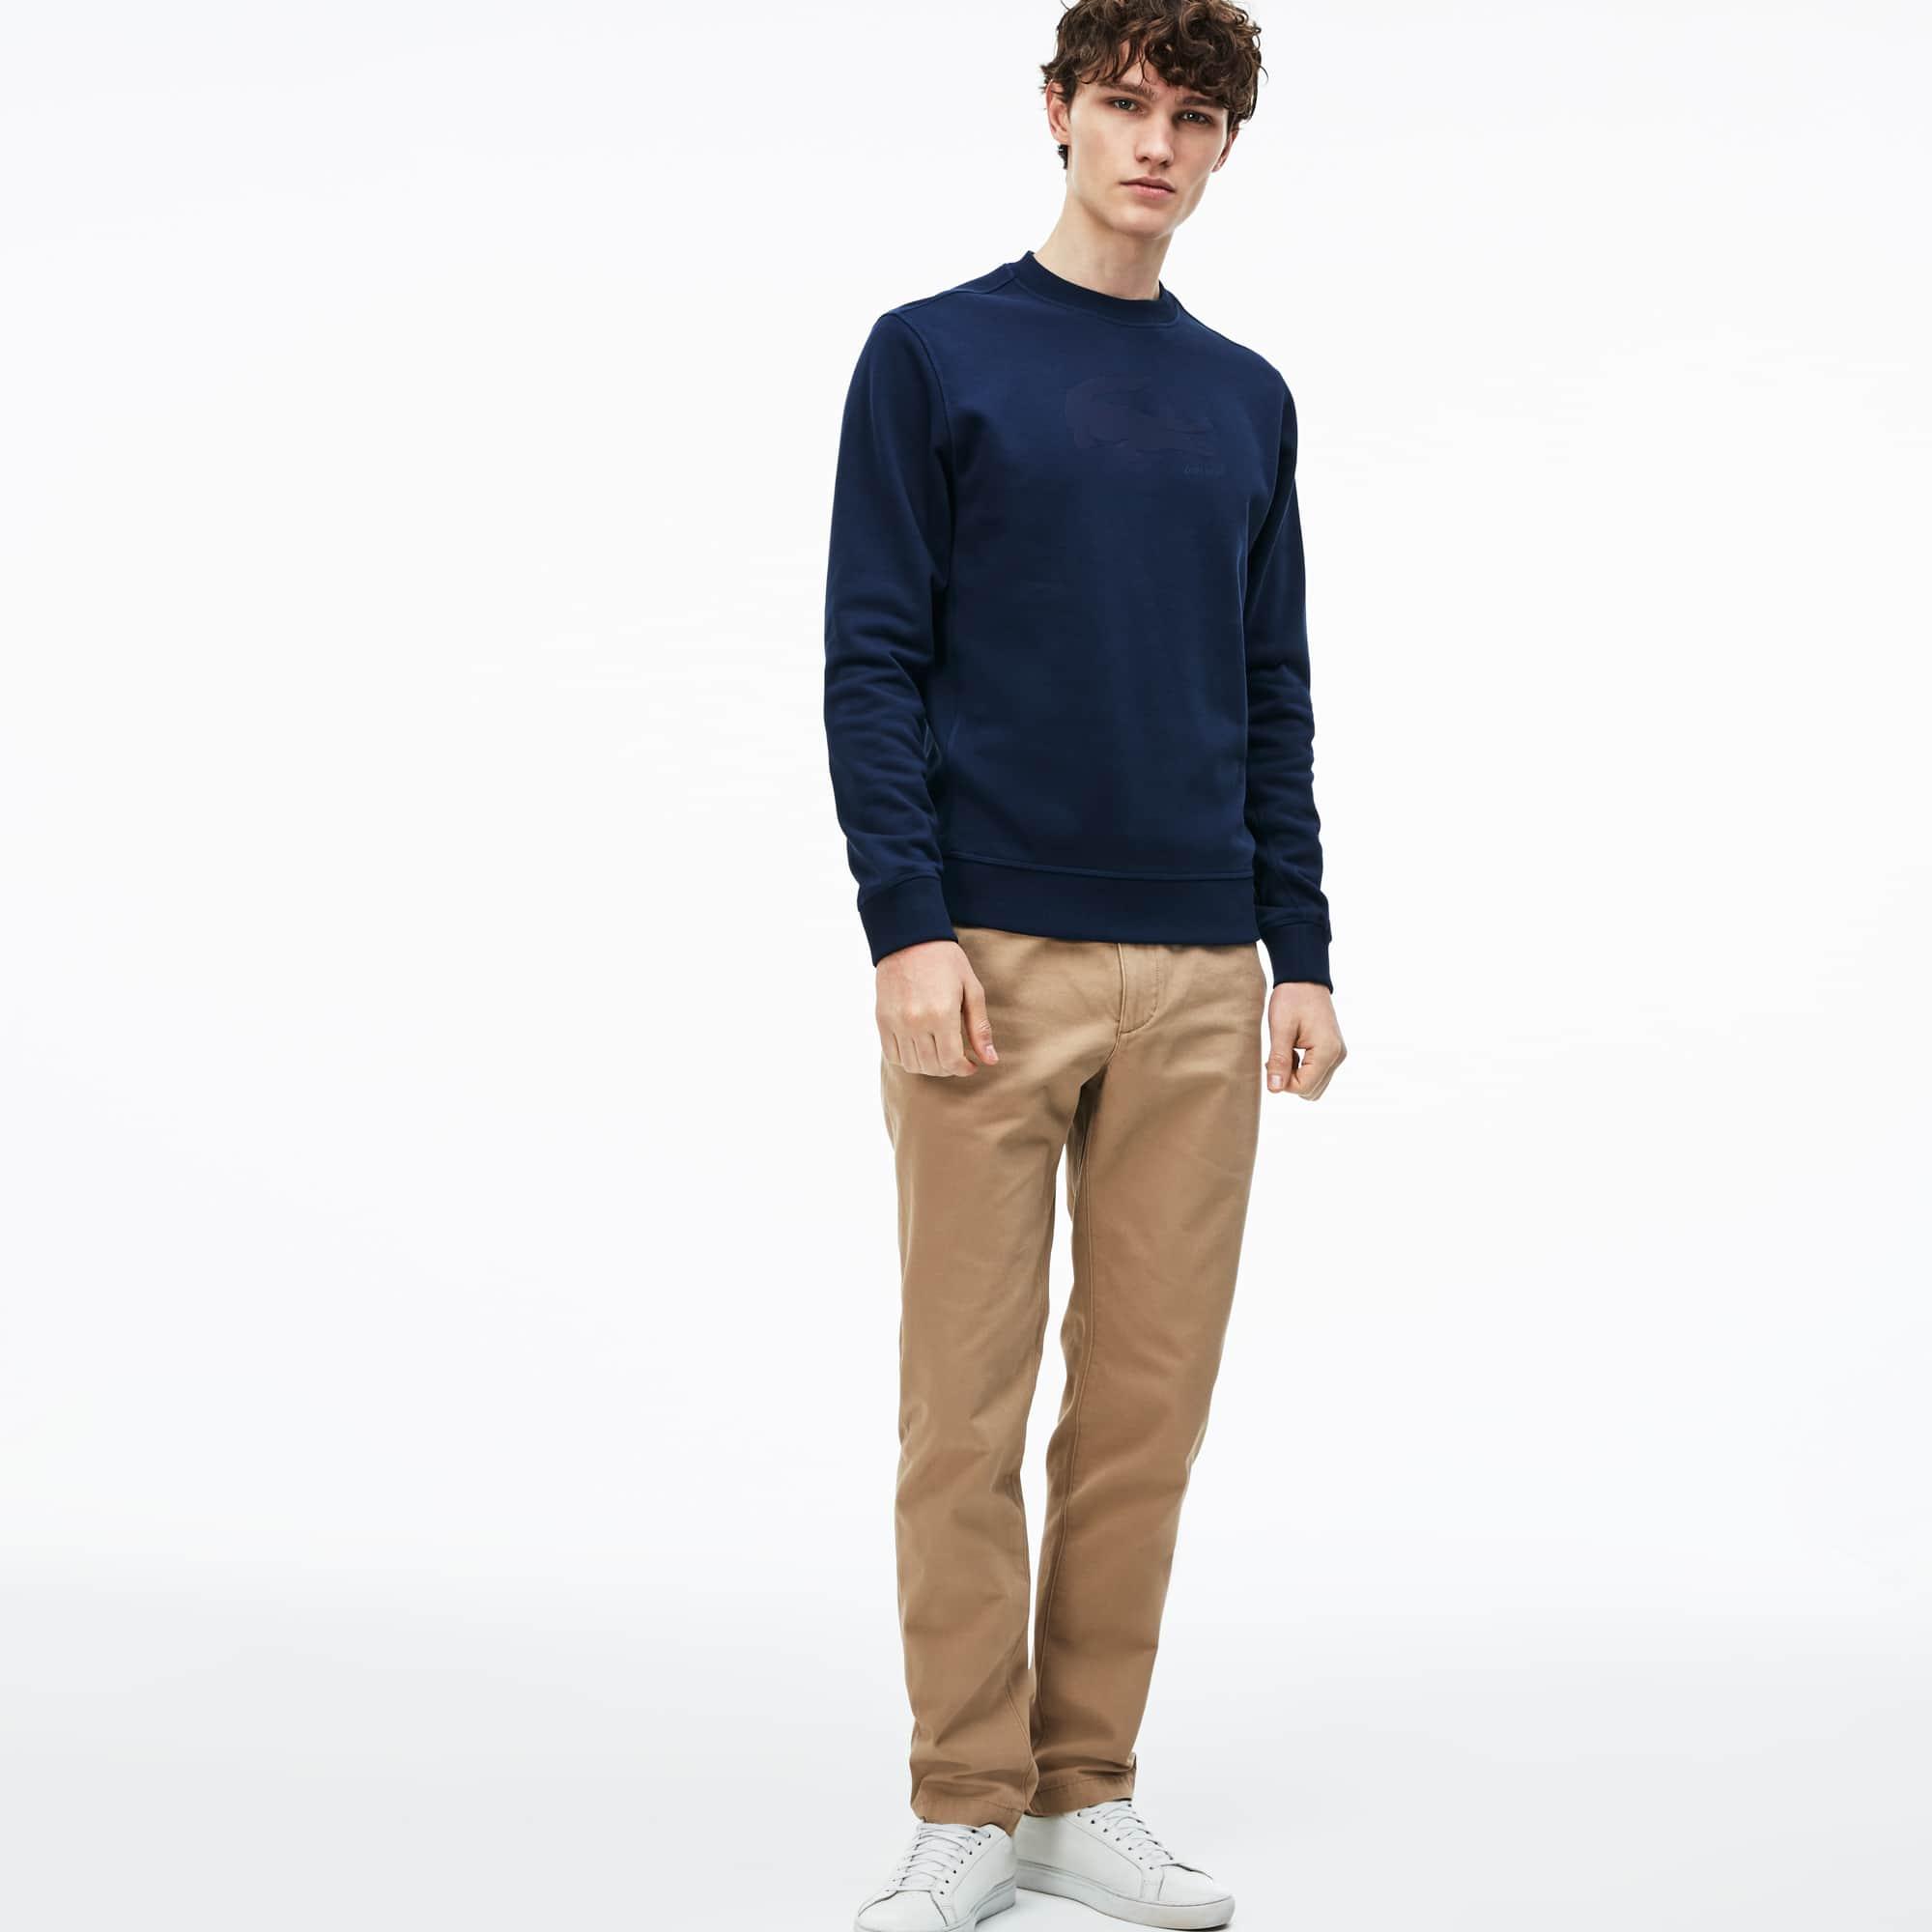 Calças chino regular fit em gabardina de algodão unicolor